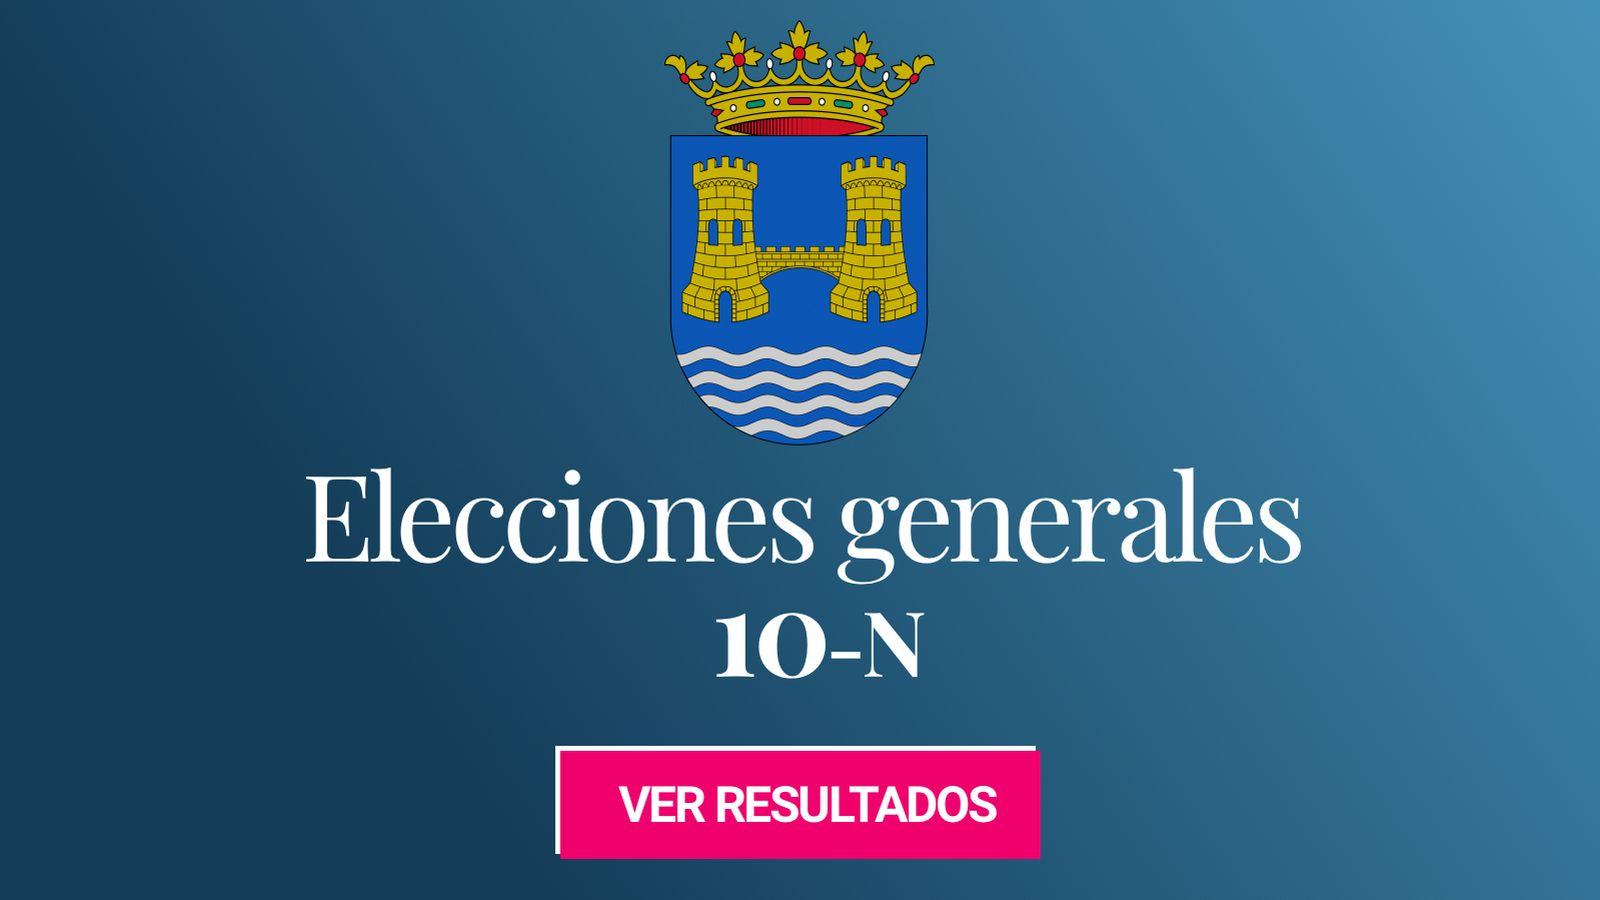 Foto: Elecciones generales 2019 en Ponferrada. (C.C./EC)